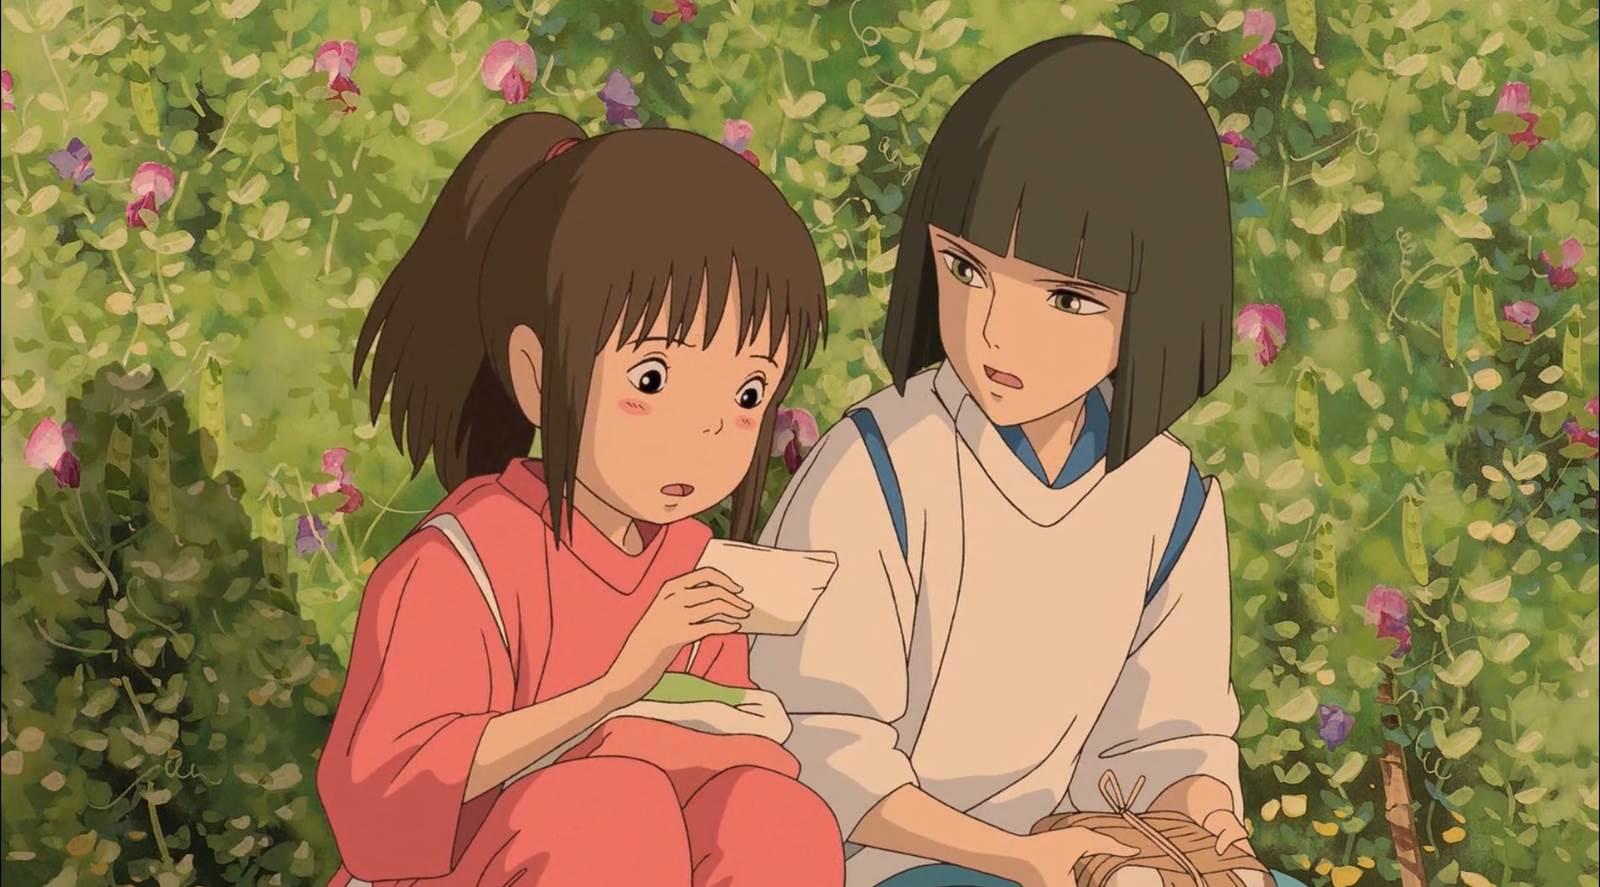 Sen to Chihiro no Kamikakushi, She steals your name